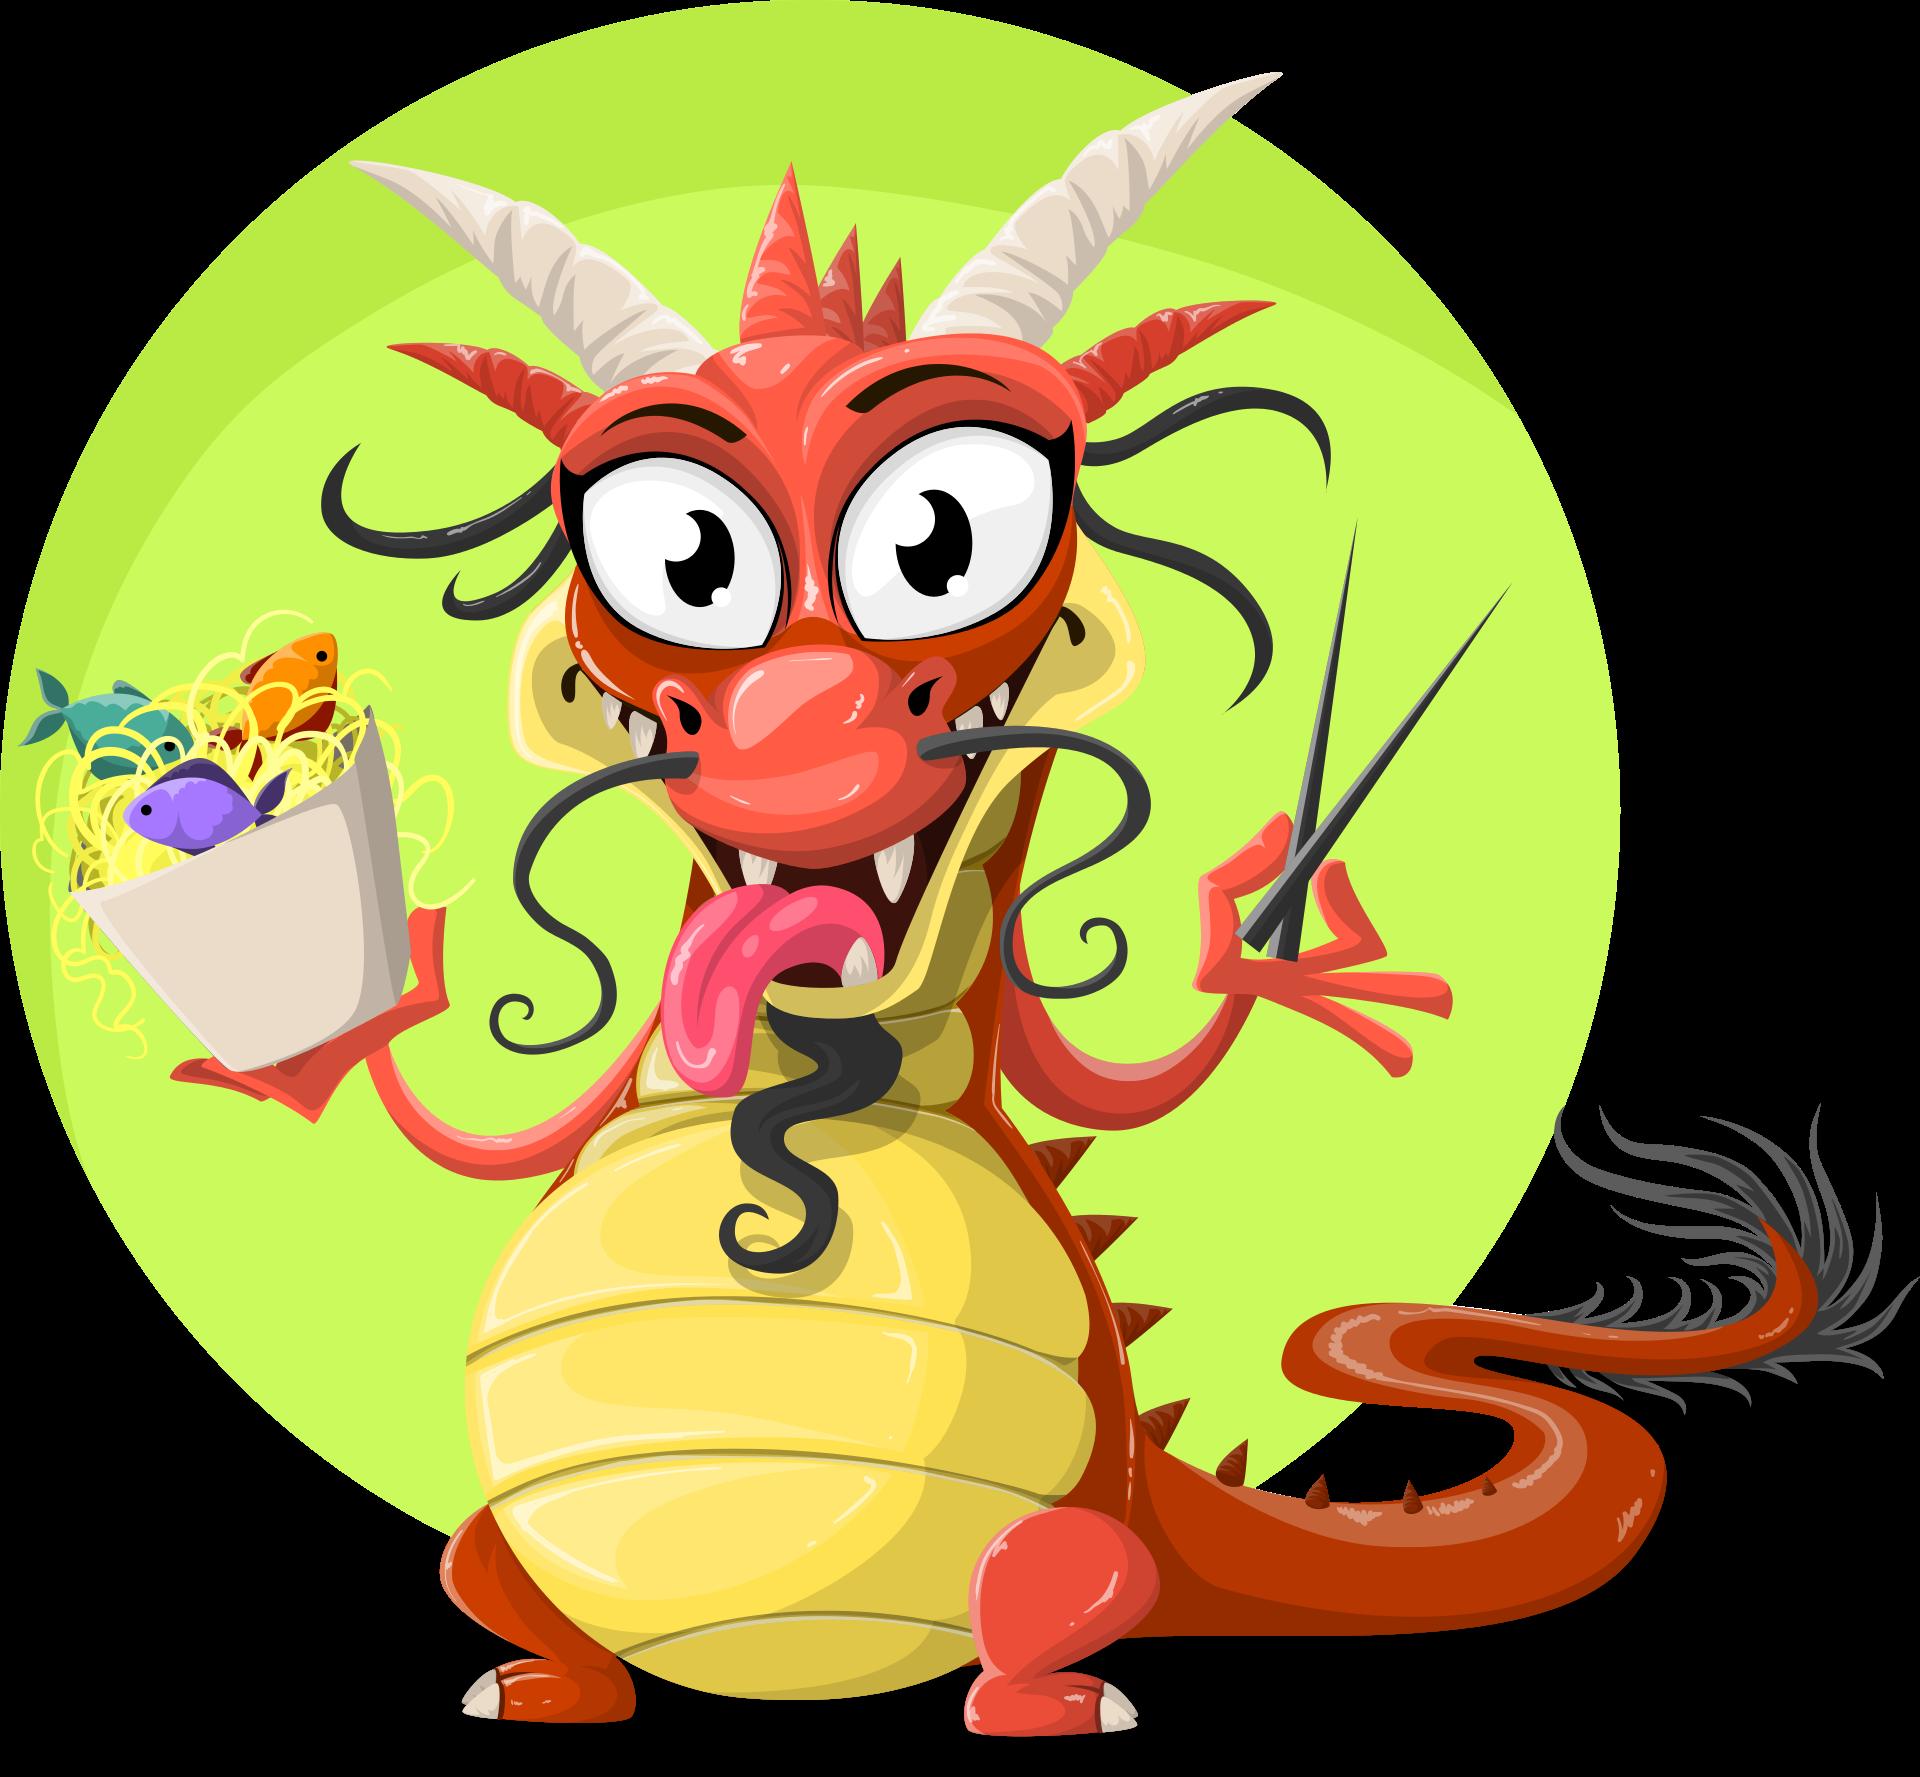 Dragão, Chinês, comida, macarrão, peixe - Papéis de parede HD - Professor-falken.com